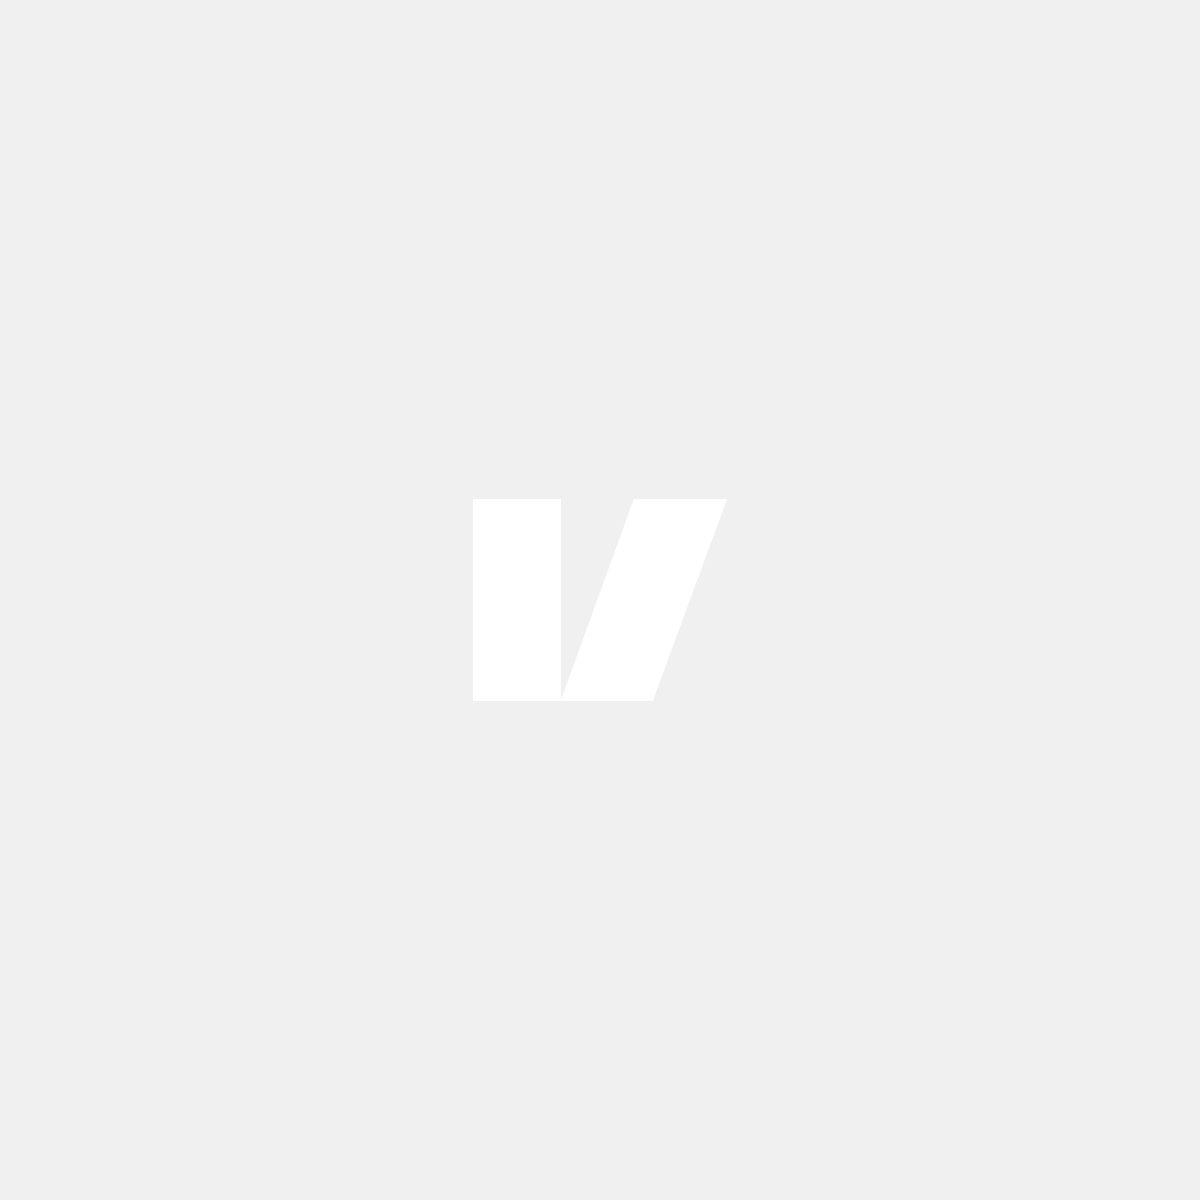 Mattkromat dimljusgaller till Volvo V70 08-13, passagerarsidan